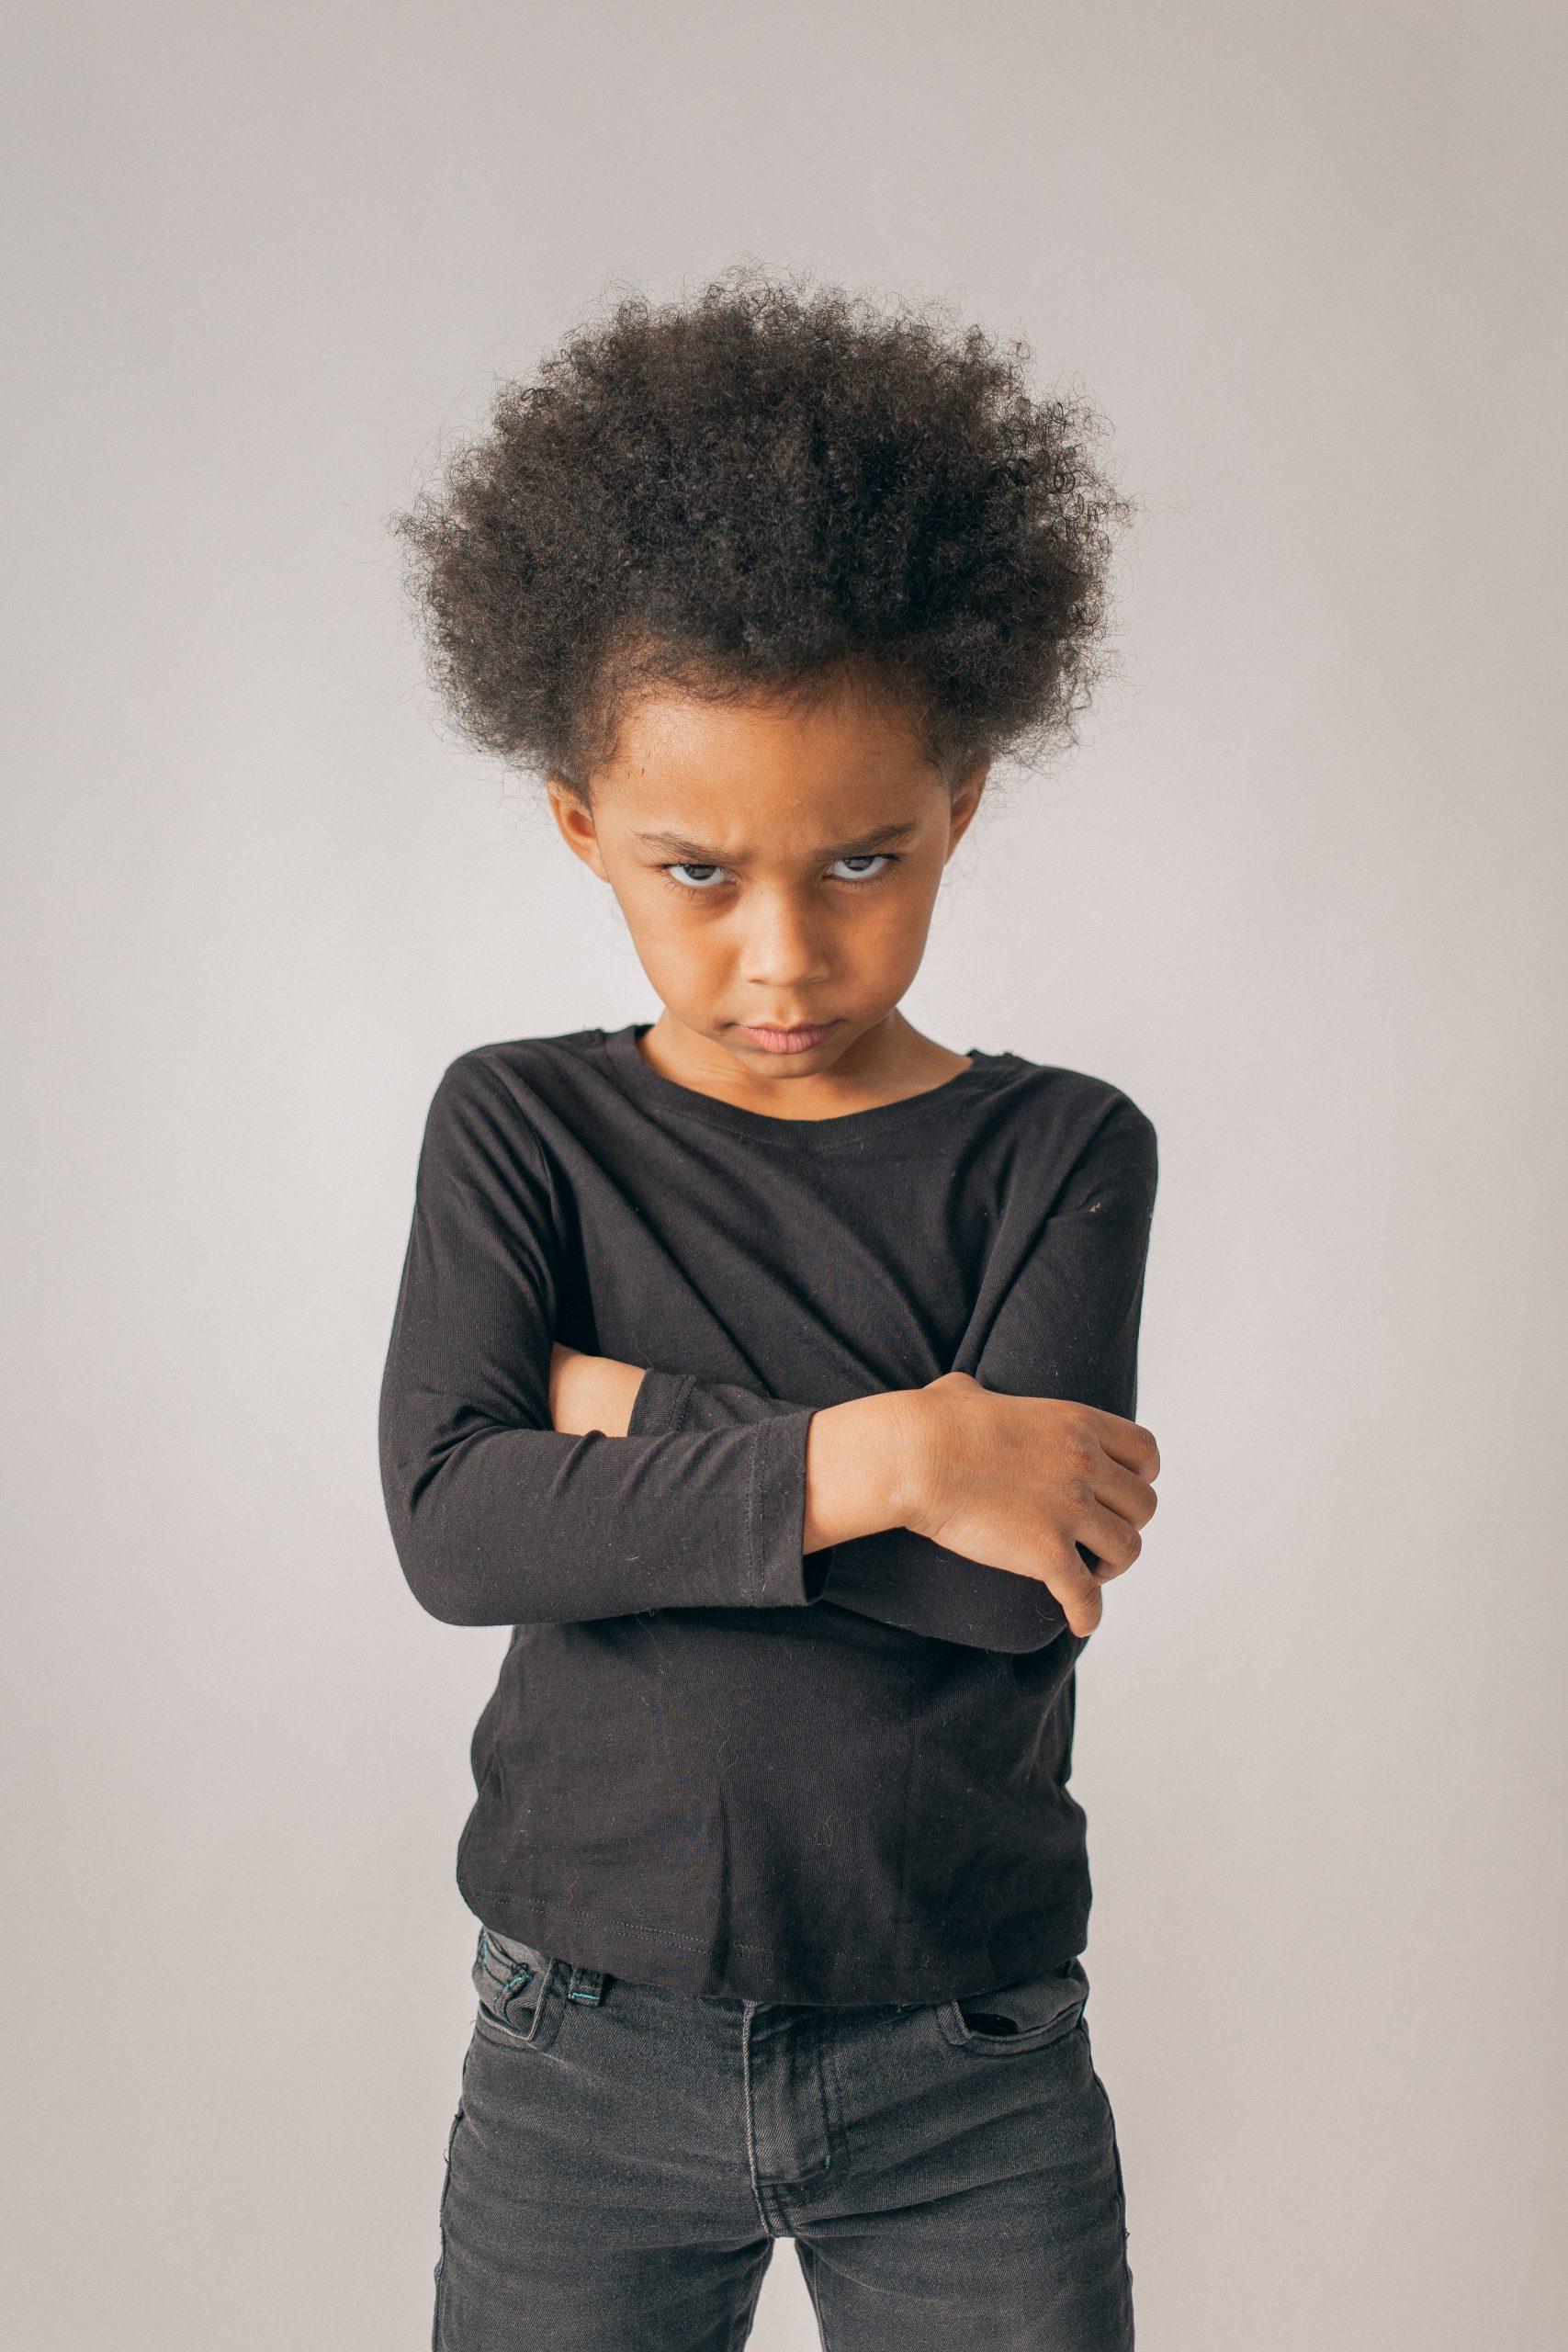 Qué hacer con hijos adultos groseros